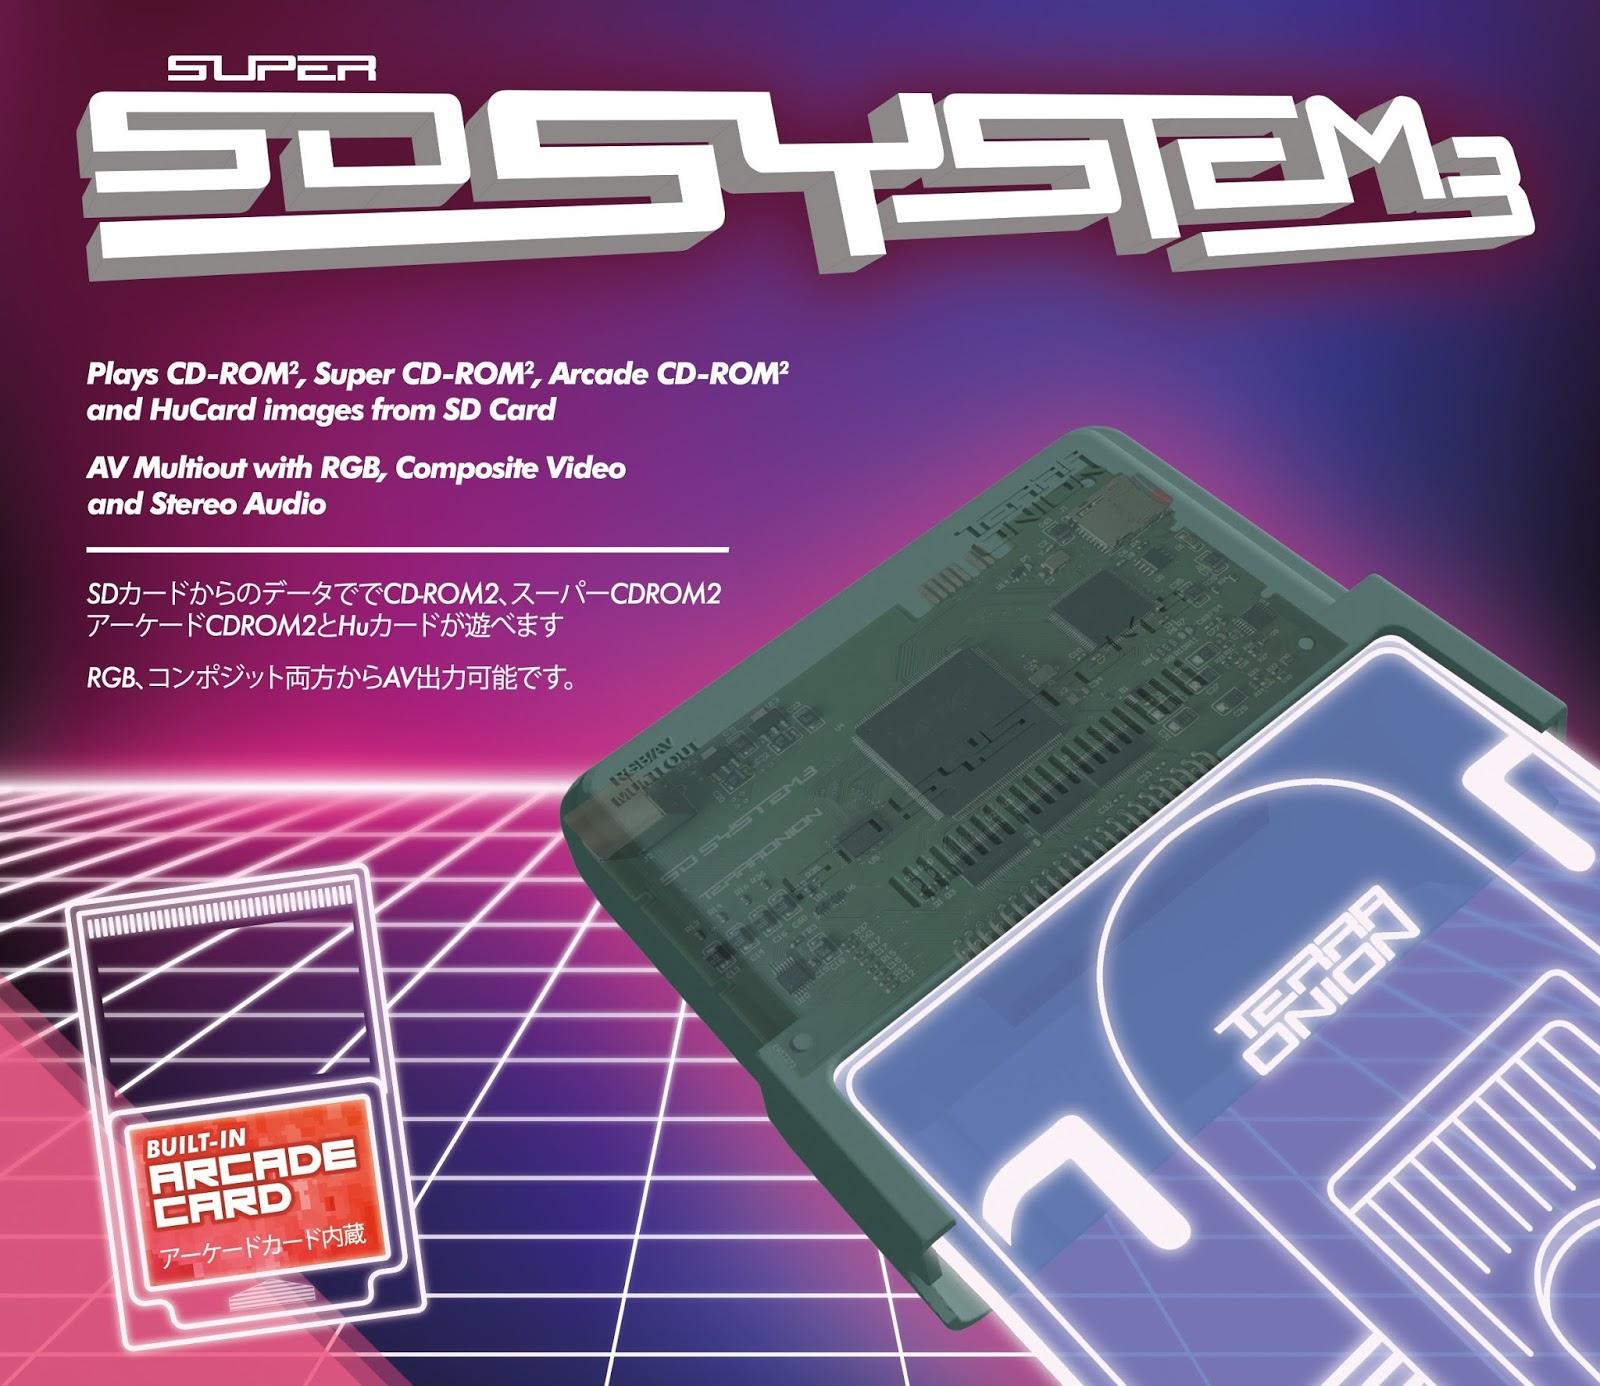 STG News / SHMUP News: Super SD System 3